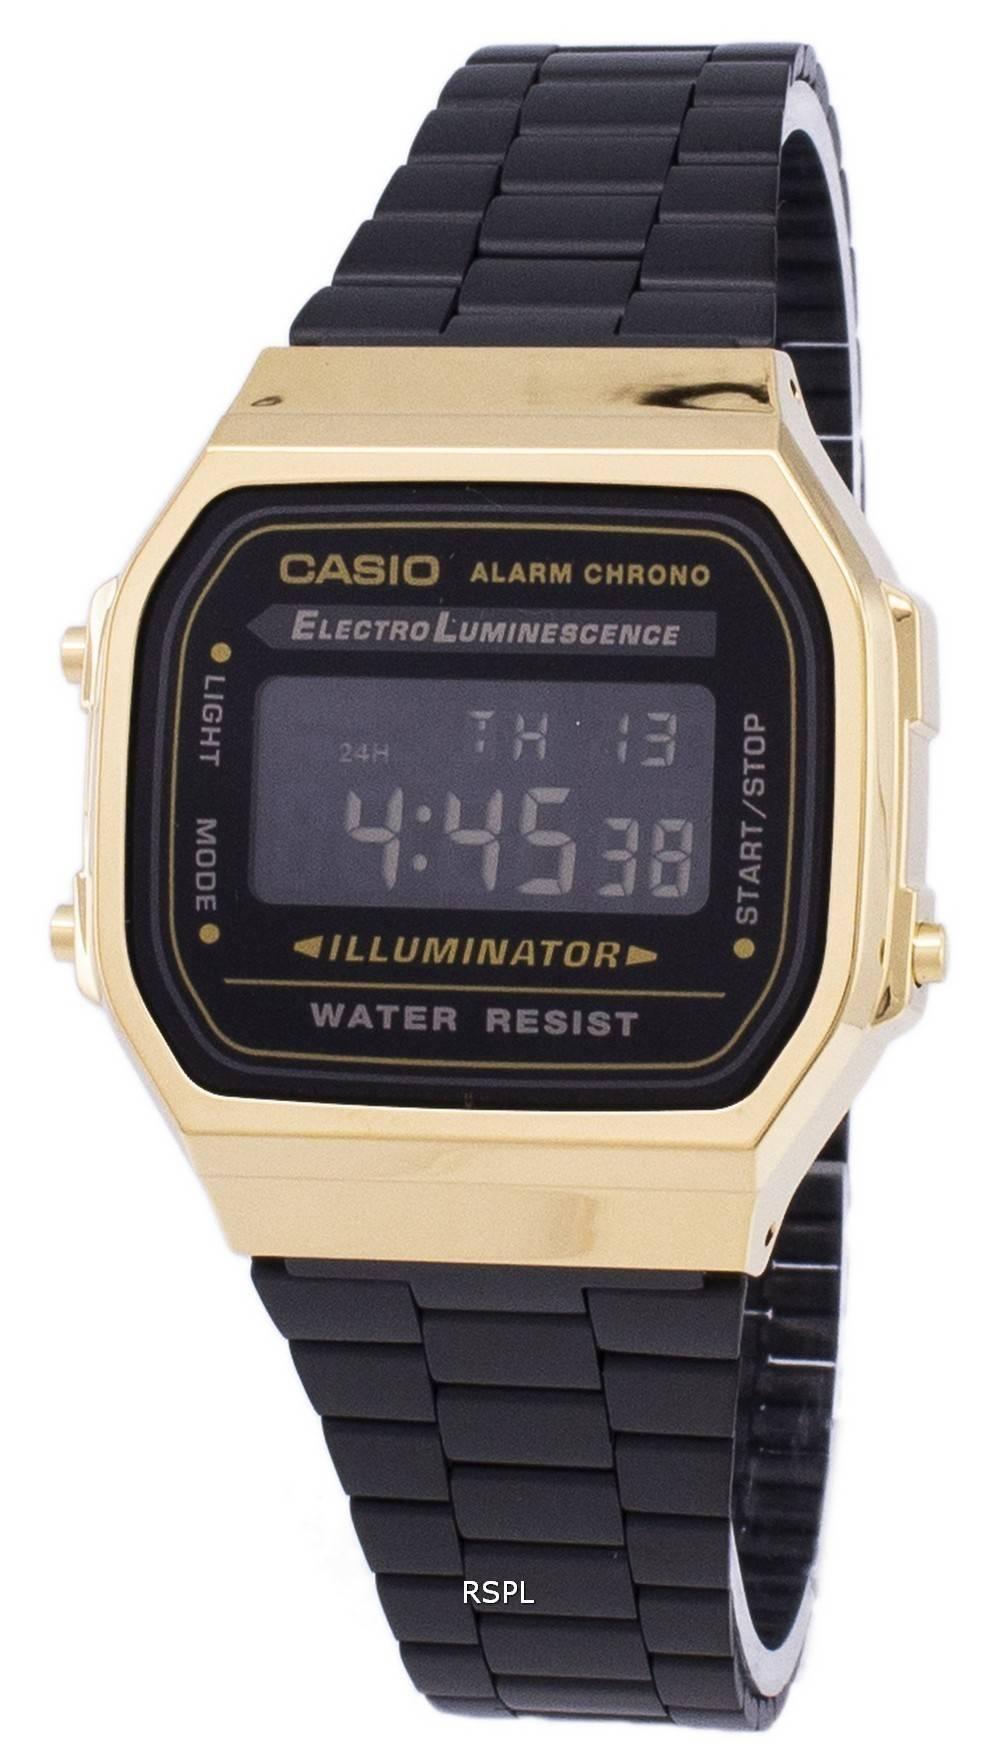 7a41e5c221f6 Casio Vintage Chronograph Alarm Digital A168WEGB-1B Unisex Watch ...